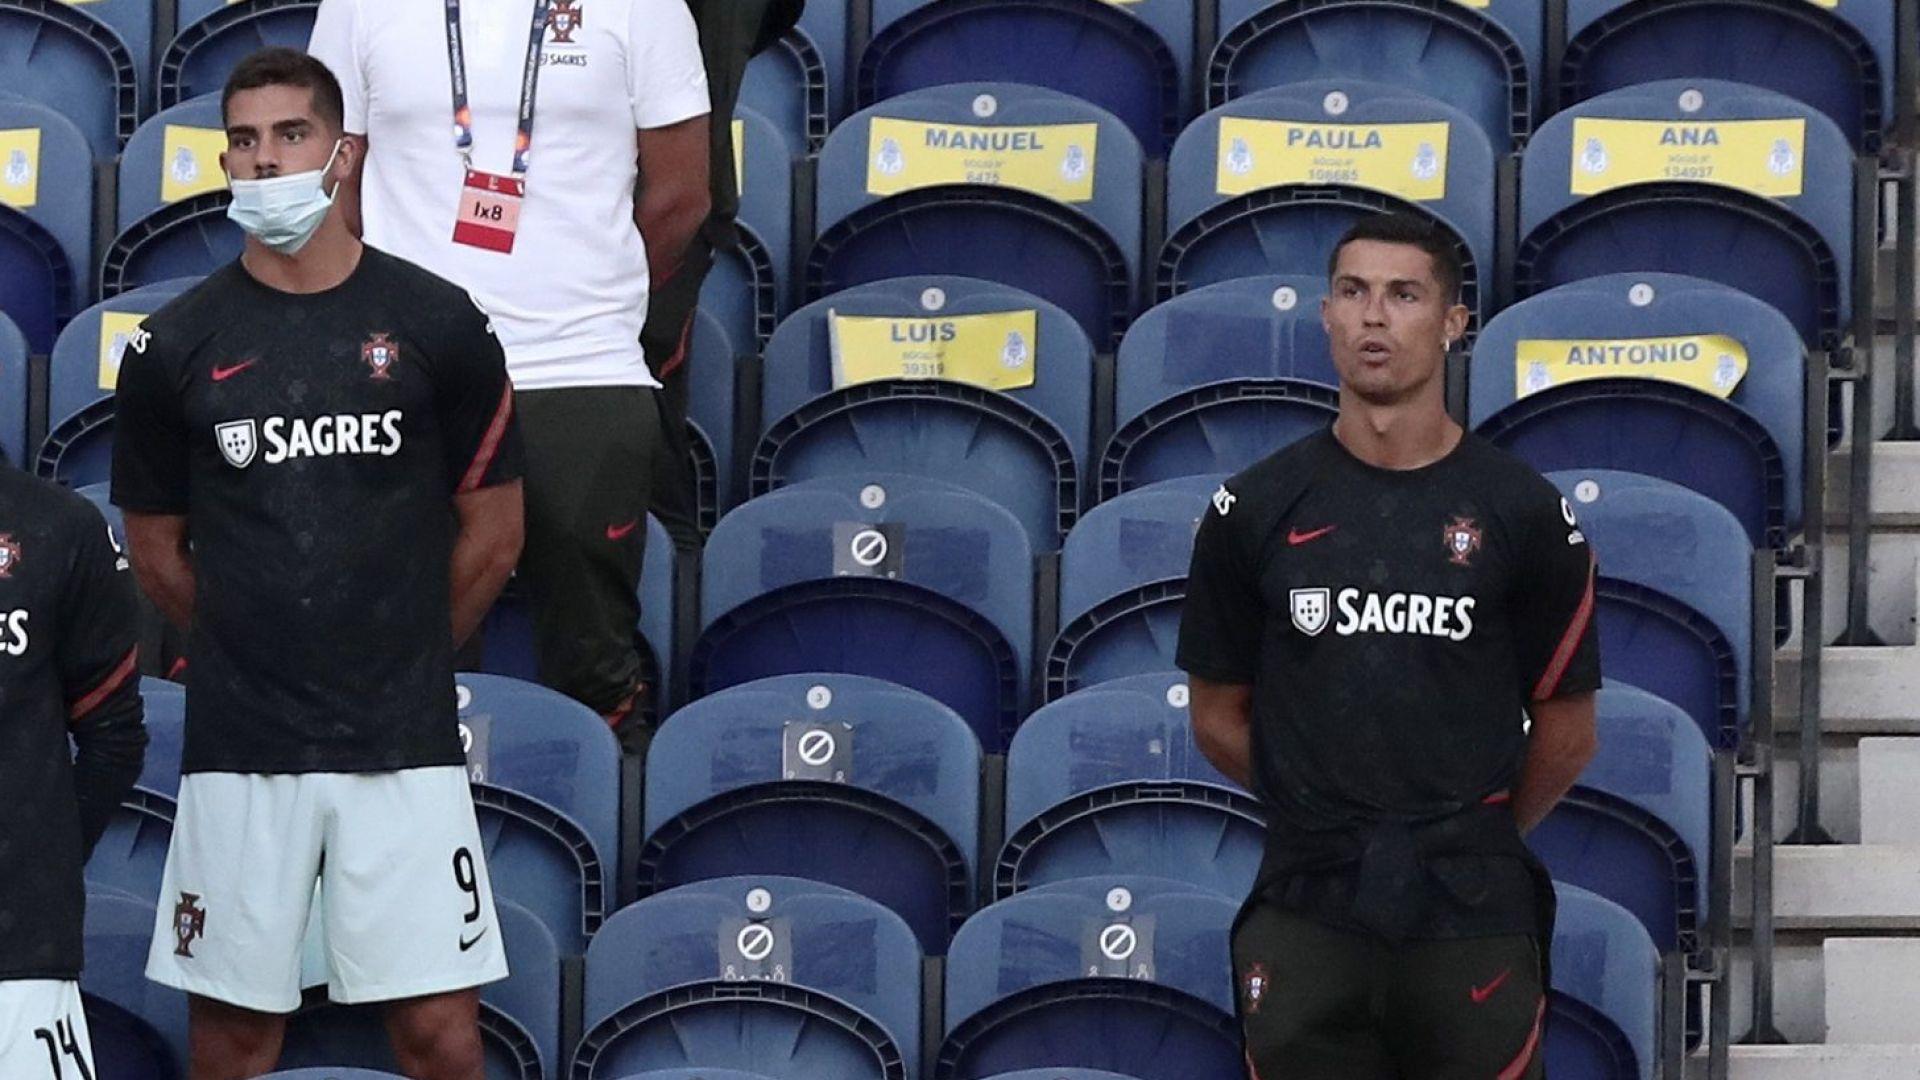 Правилата са за всички: Скараха се на Роналдо, че не носи маска